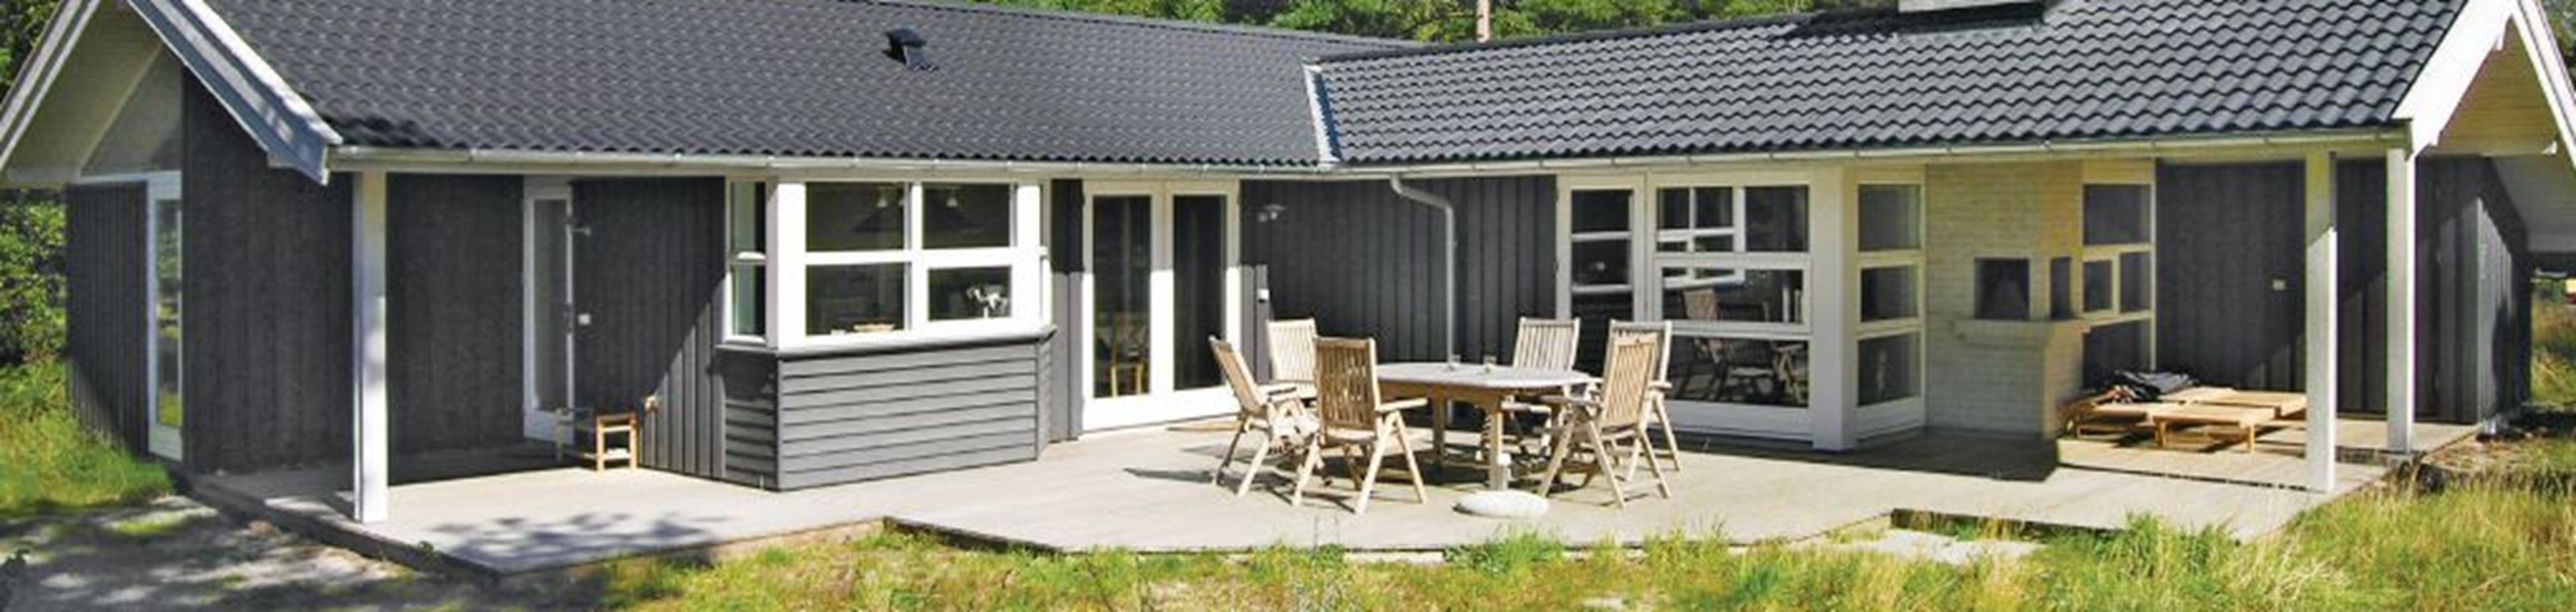 Rustig vakantiehuis op het zonnigste eiland van Denemarken (6p.)